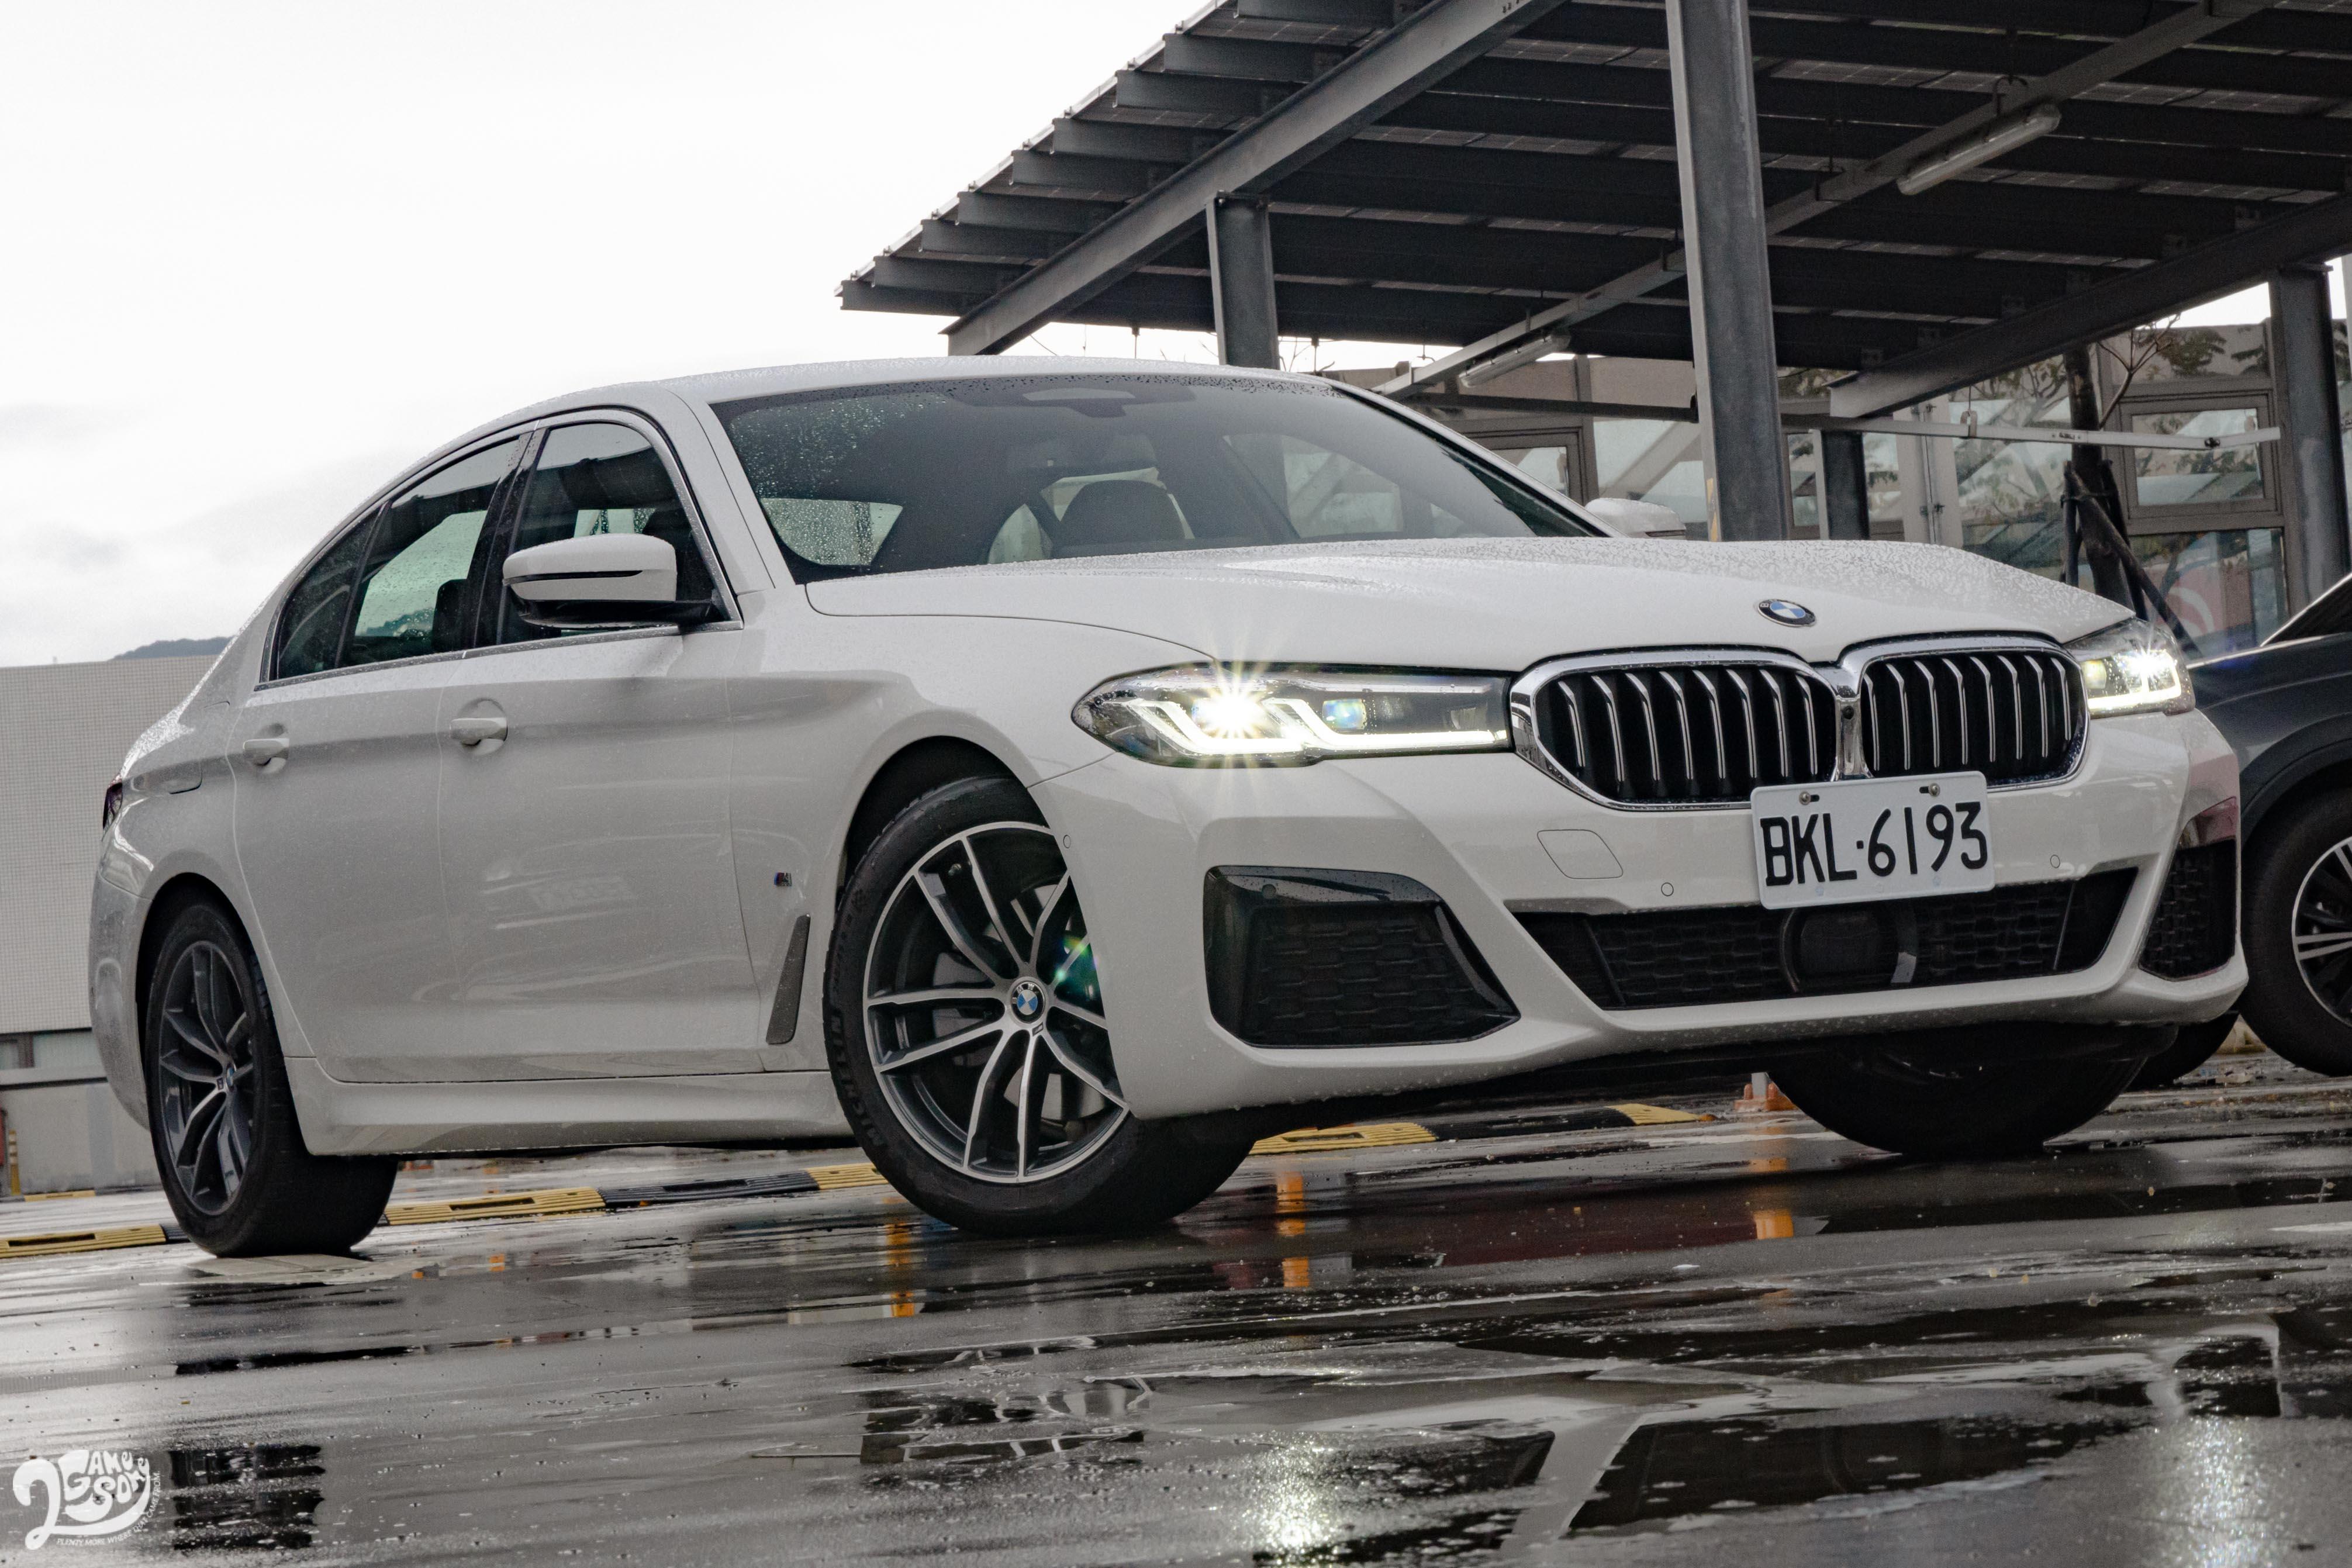 M Sport 版本標配 M 款空力套件、M 款跑車化懸吊、M 款車側銘牌。